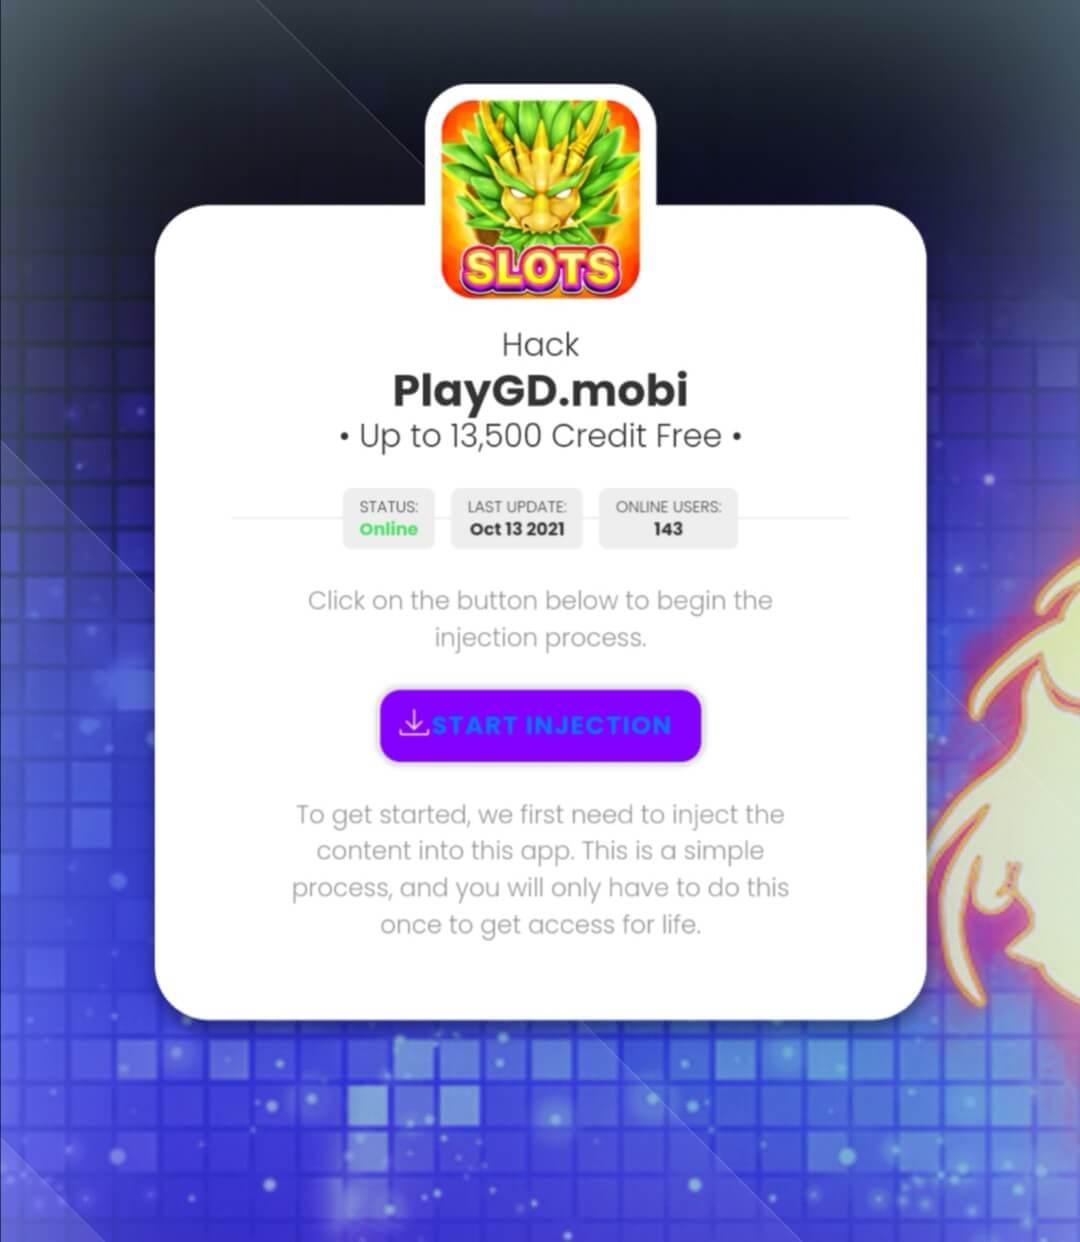 playgd-mobi